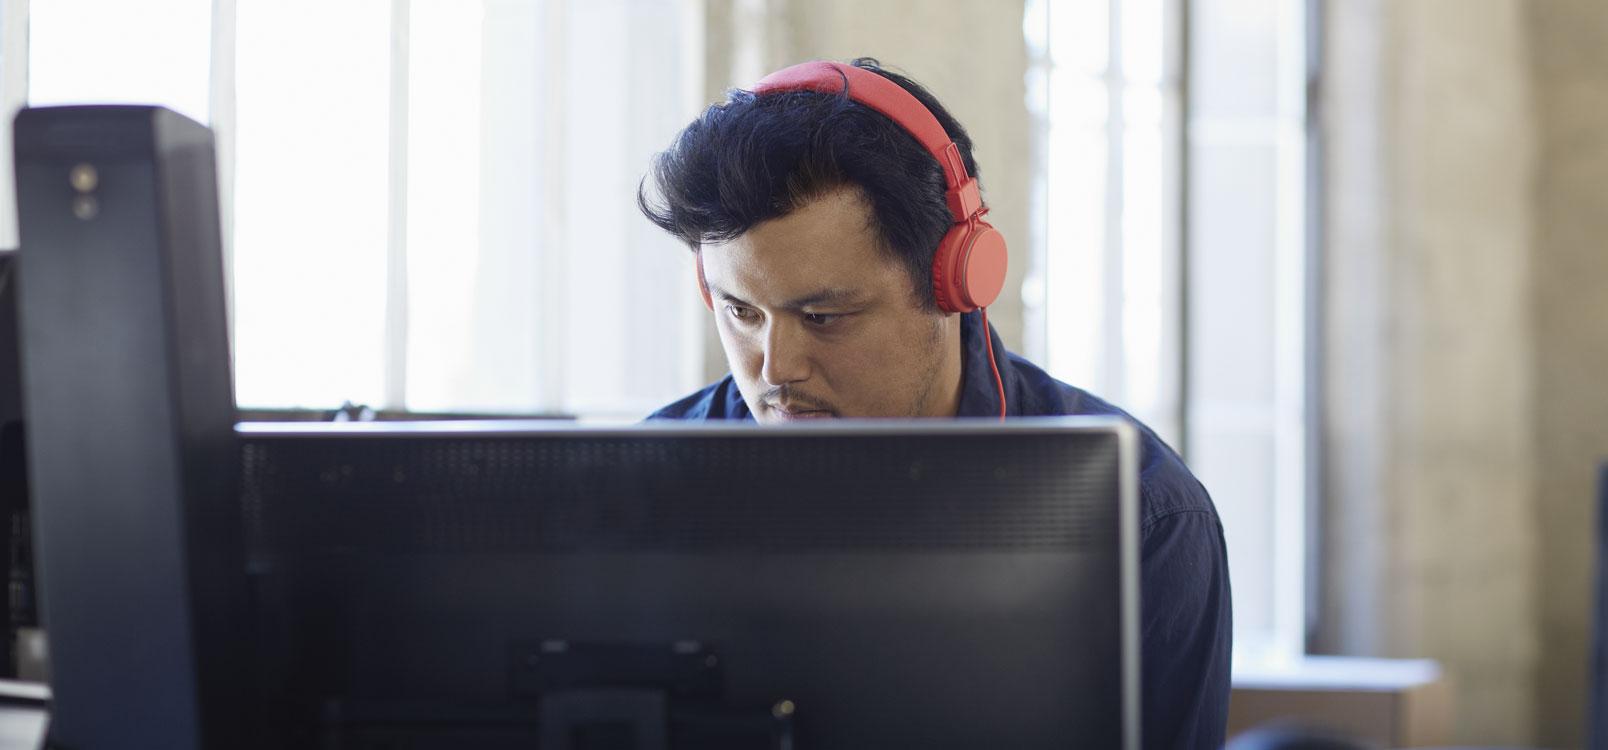 Een man met een koptelefoon op die zit te werken achter een desktop-pc en Office 365 gebruikt om IT-werkzaamheden te vereenvoudigen.